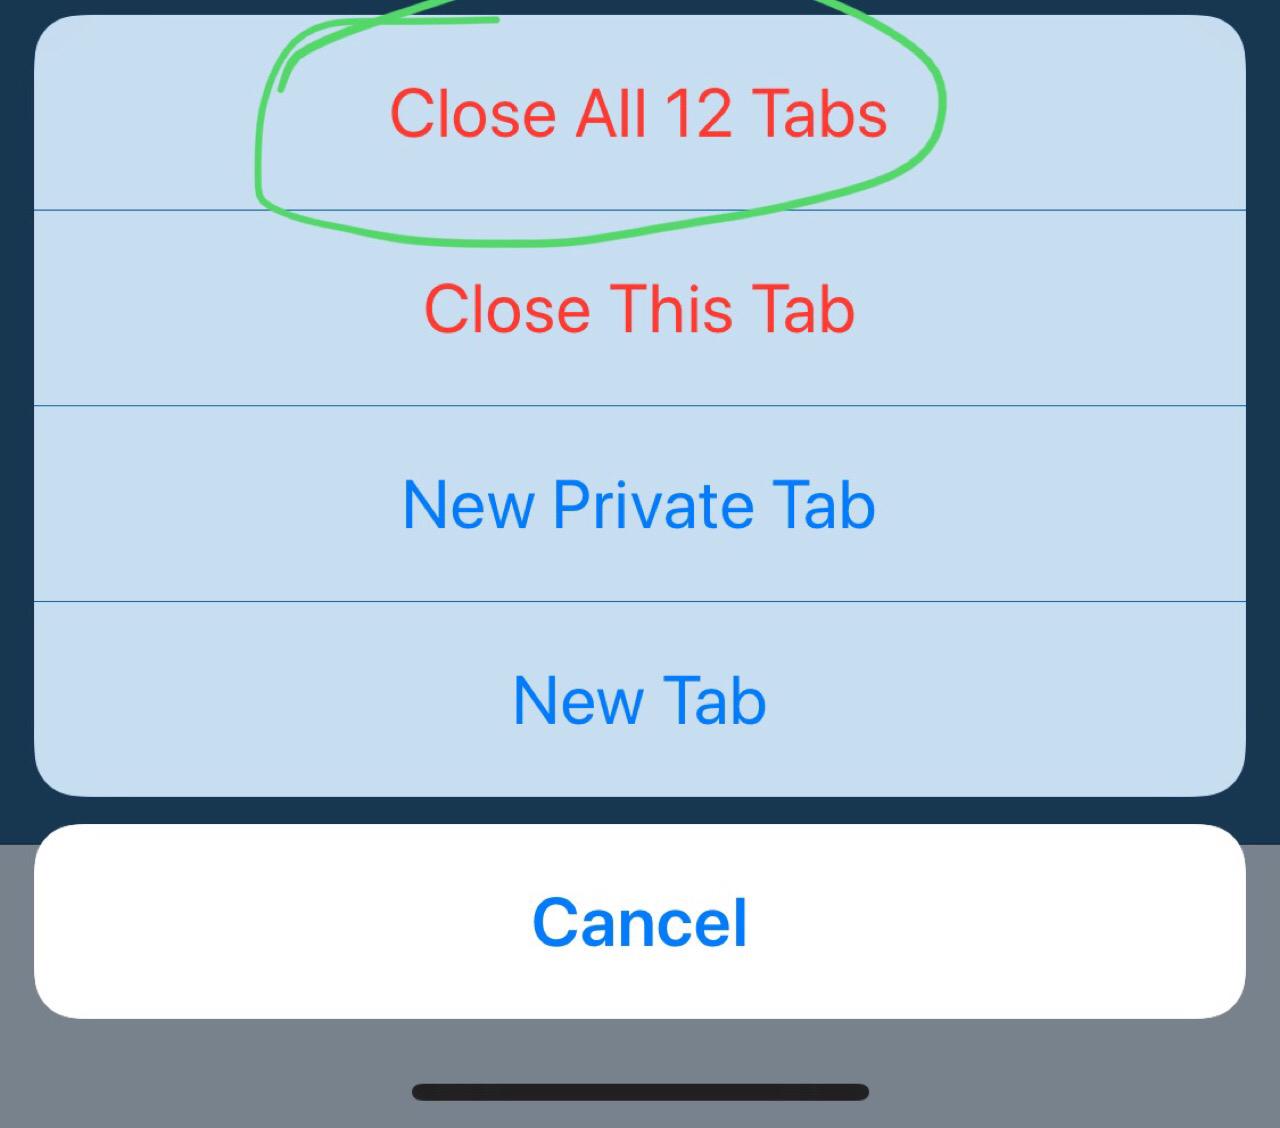 Status: Close Tabs